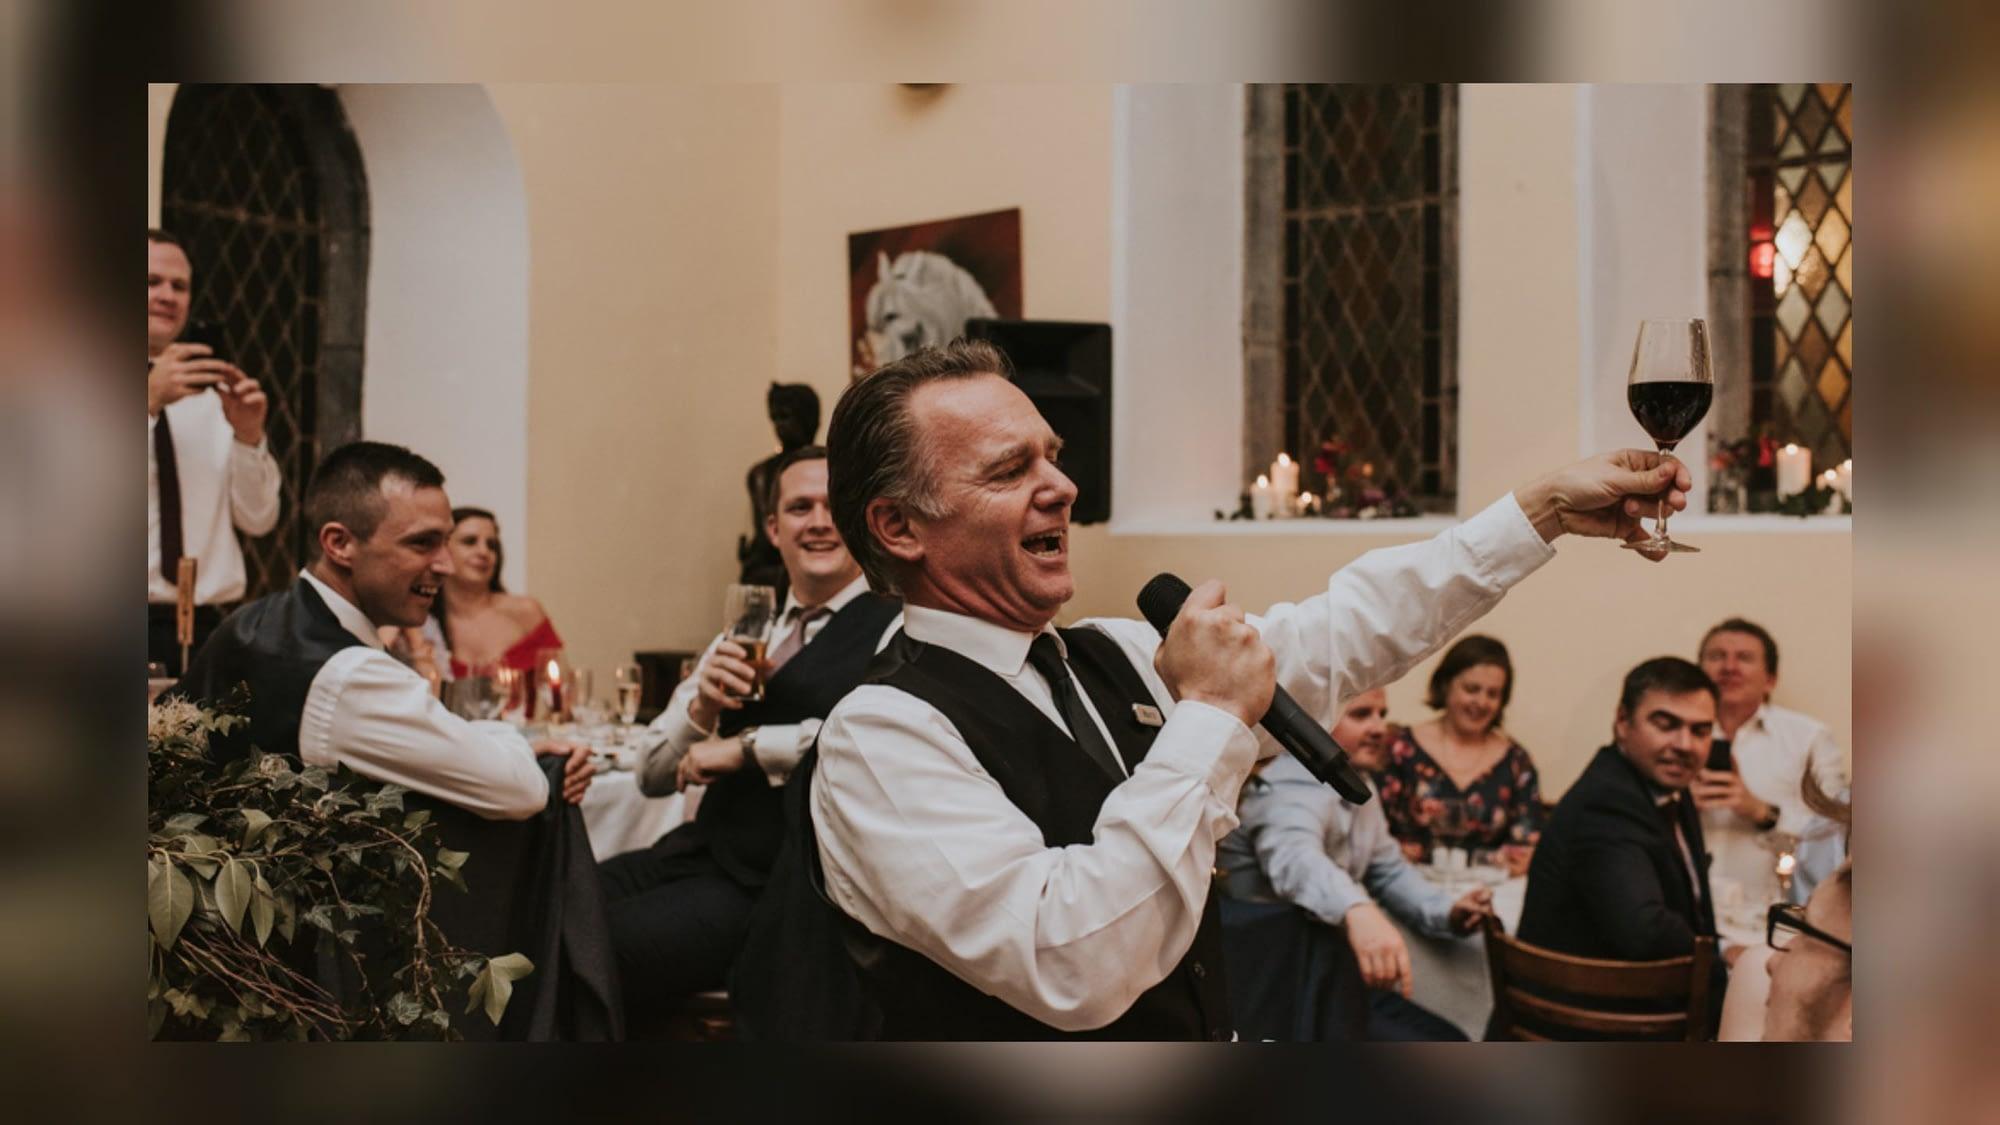 Singing waiter marco cork